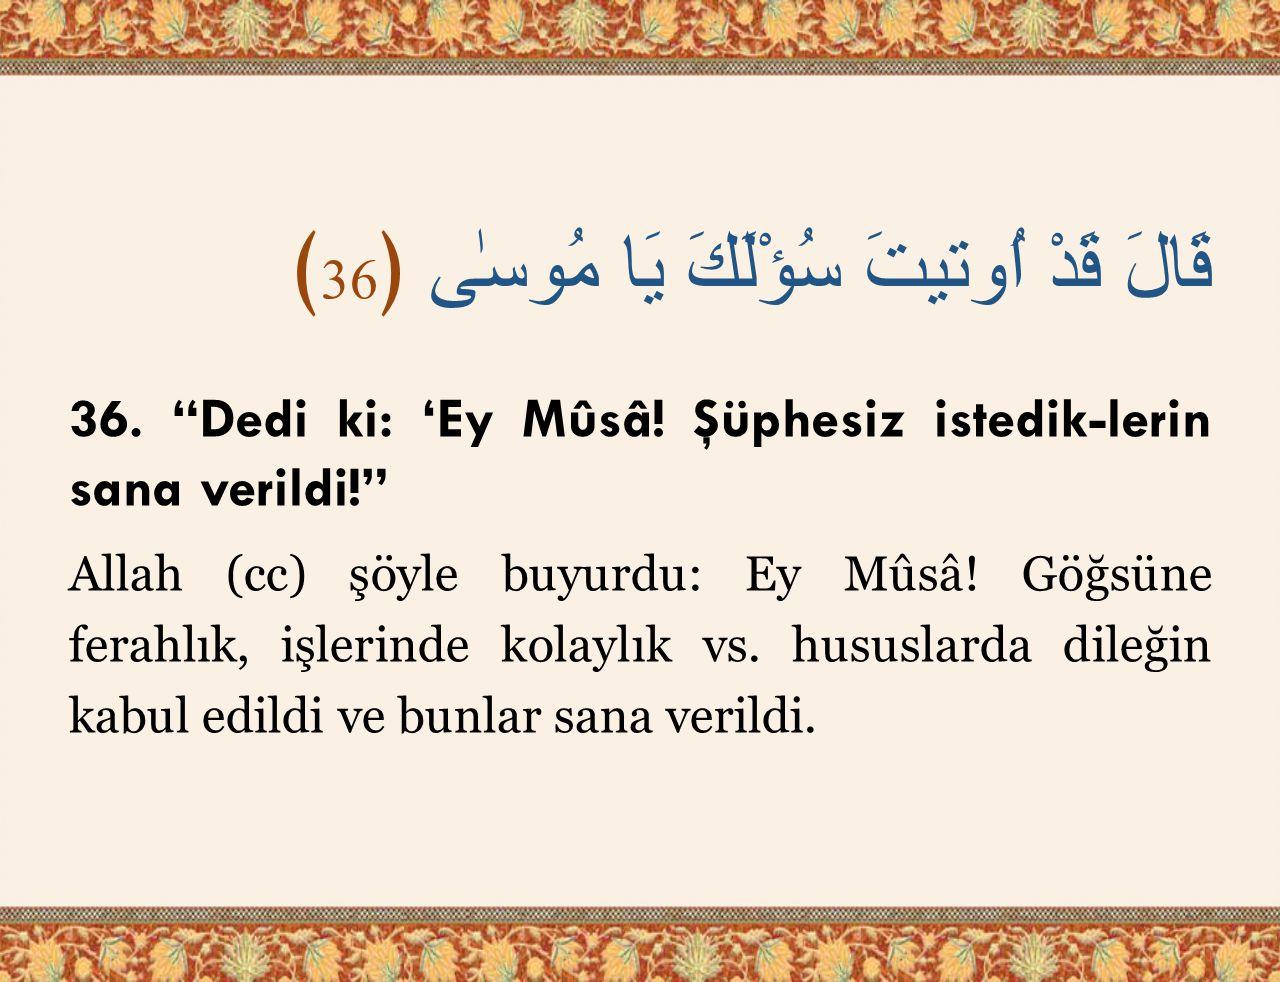 """قَالَ قَدْ اُوتيتَ سُؤْلَكَ يَا مُوسٰى ﴿ 36 ﴾ 36. """"Dedi ki: 'Ey Mûsâ! Şüphesiz istedik-lerin sana verildi!"""" Allah (cc) şöyle buyurdu: Ey Mûsâ! Göğsüne"""